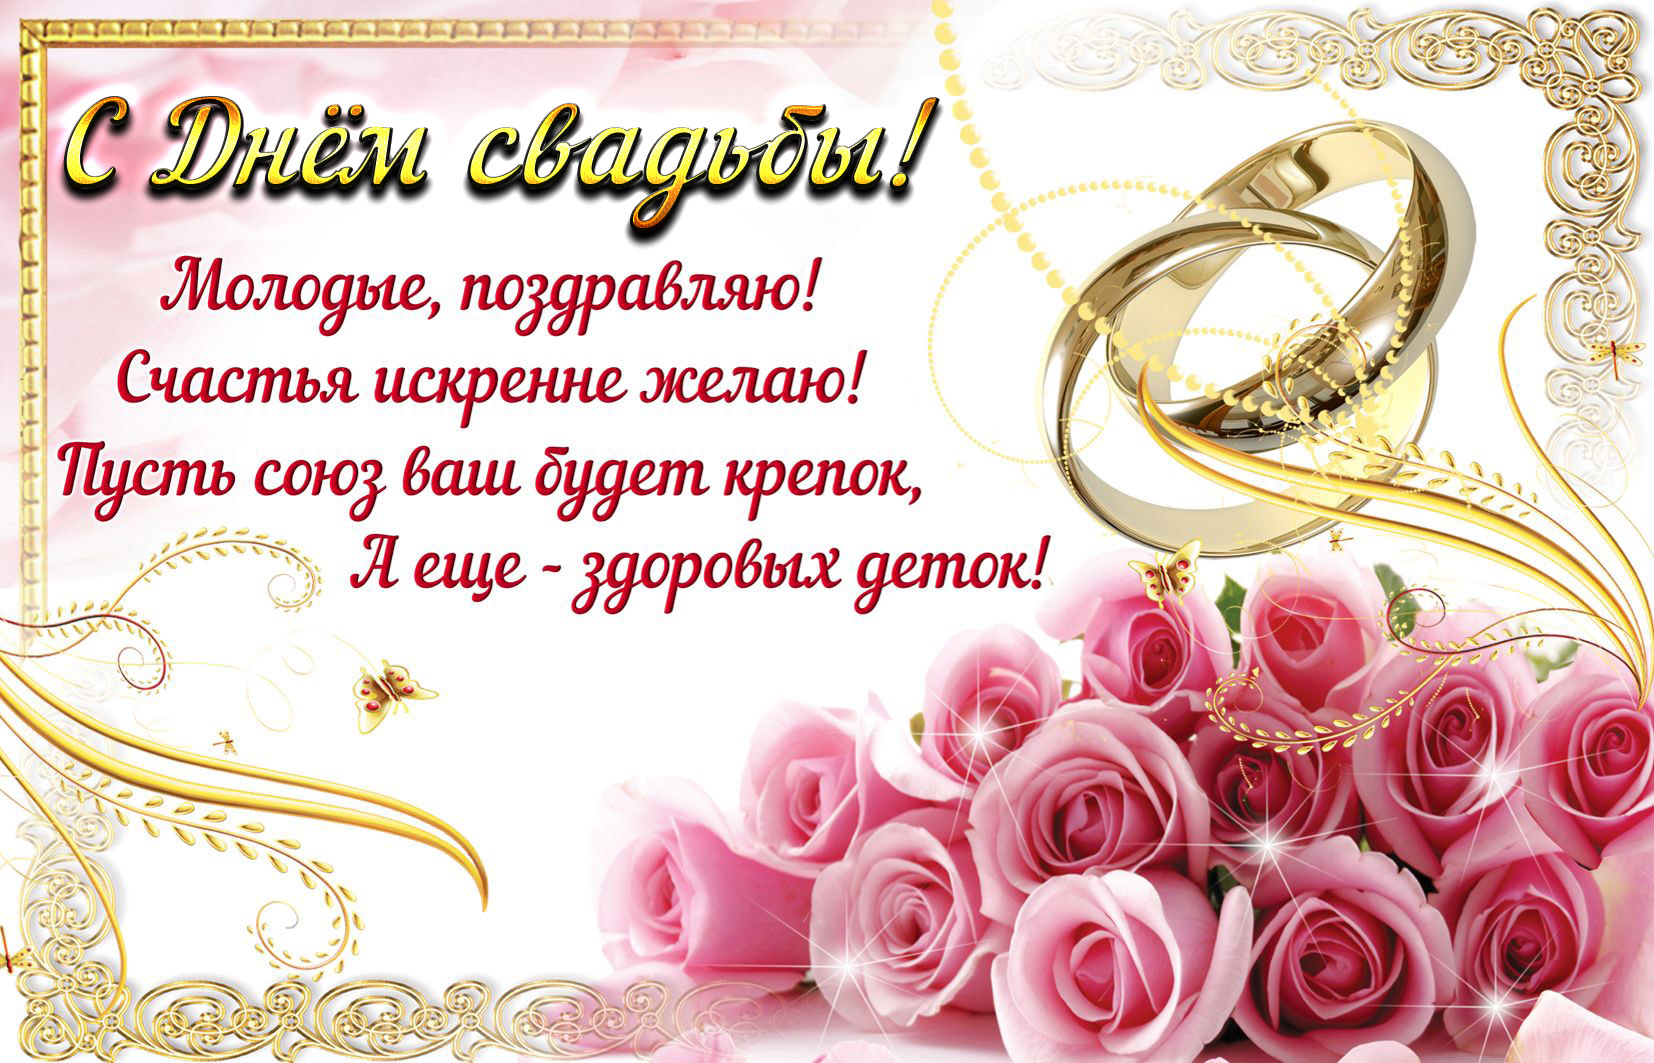 Поздравление с днем свадтбы